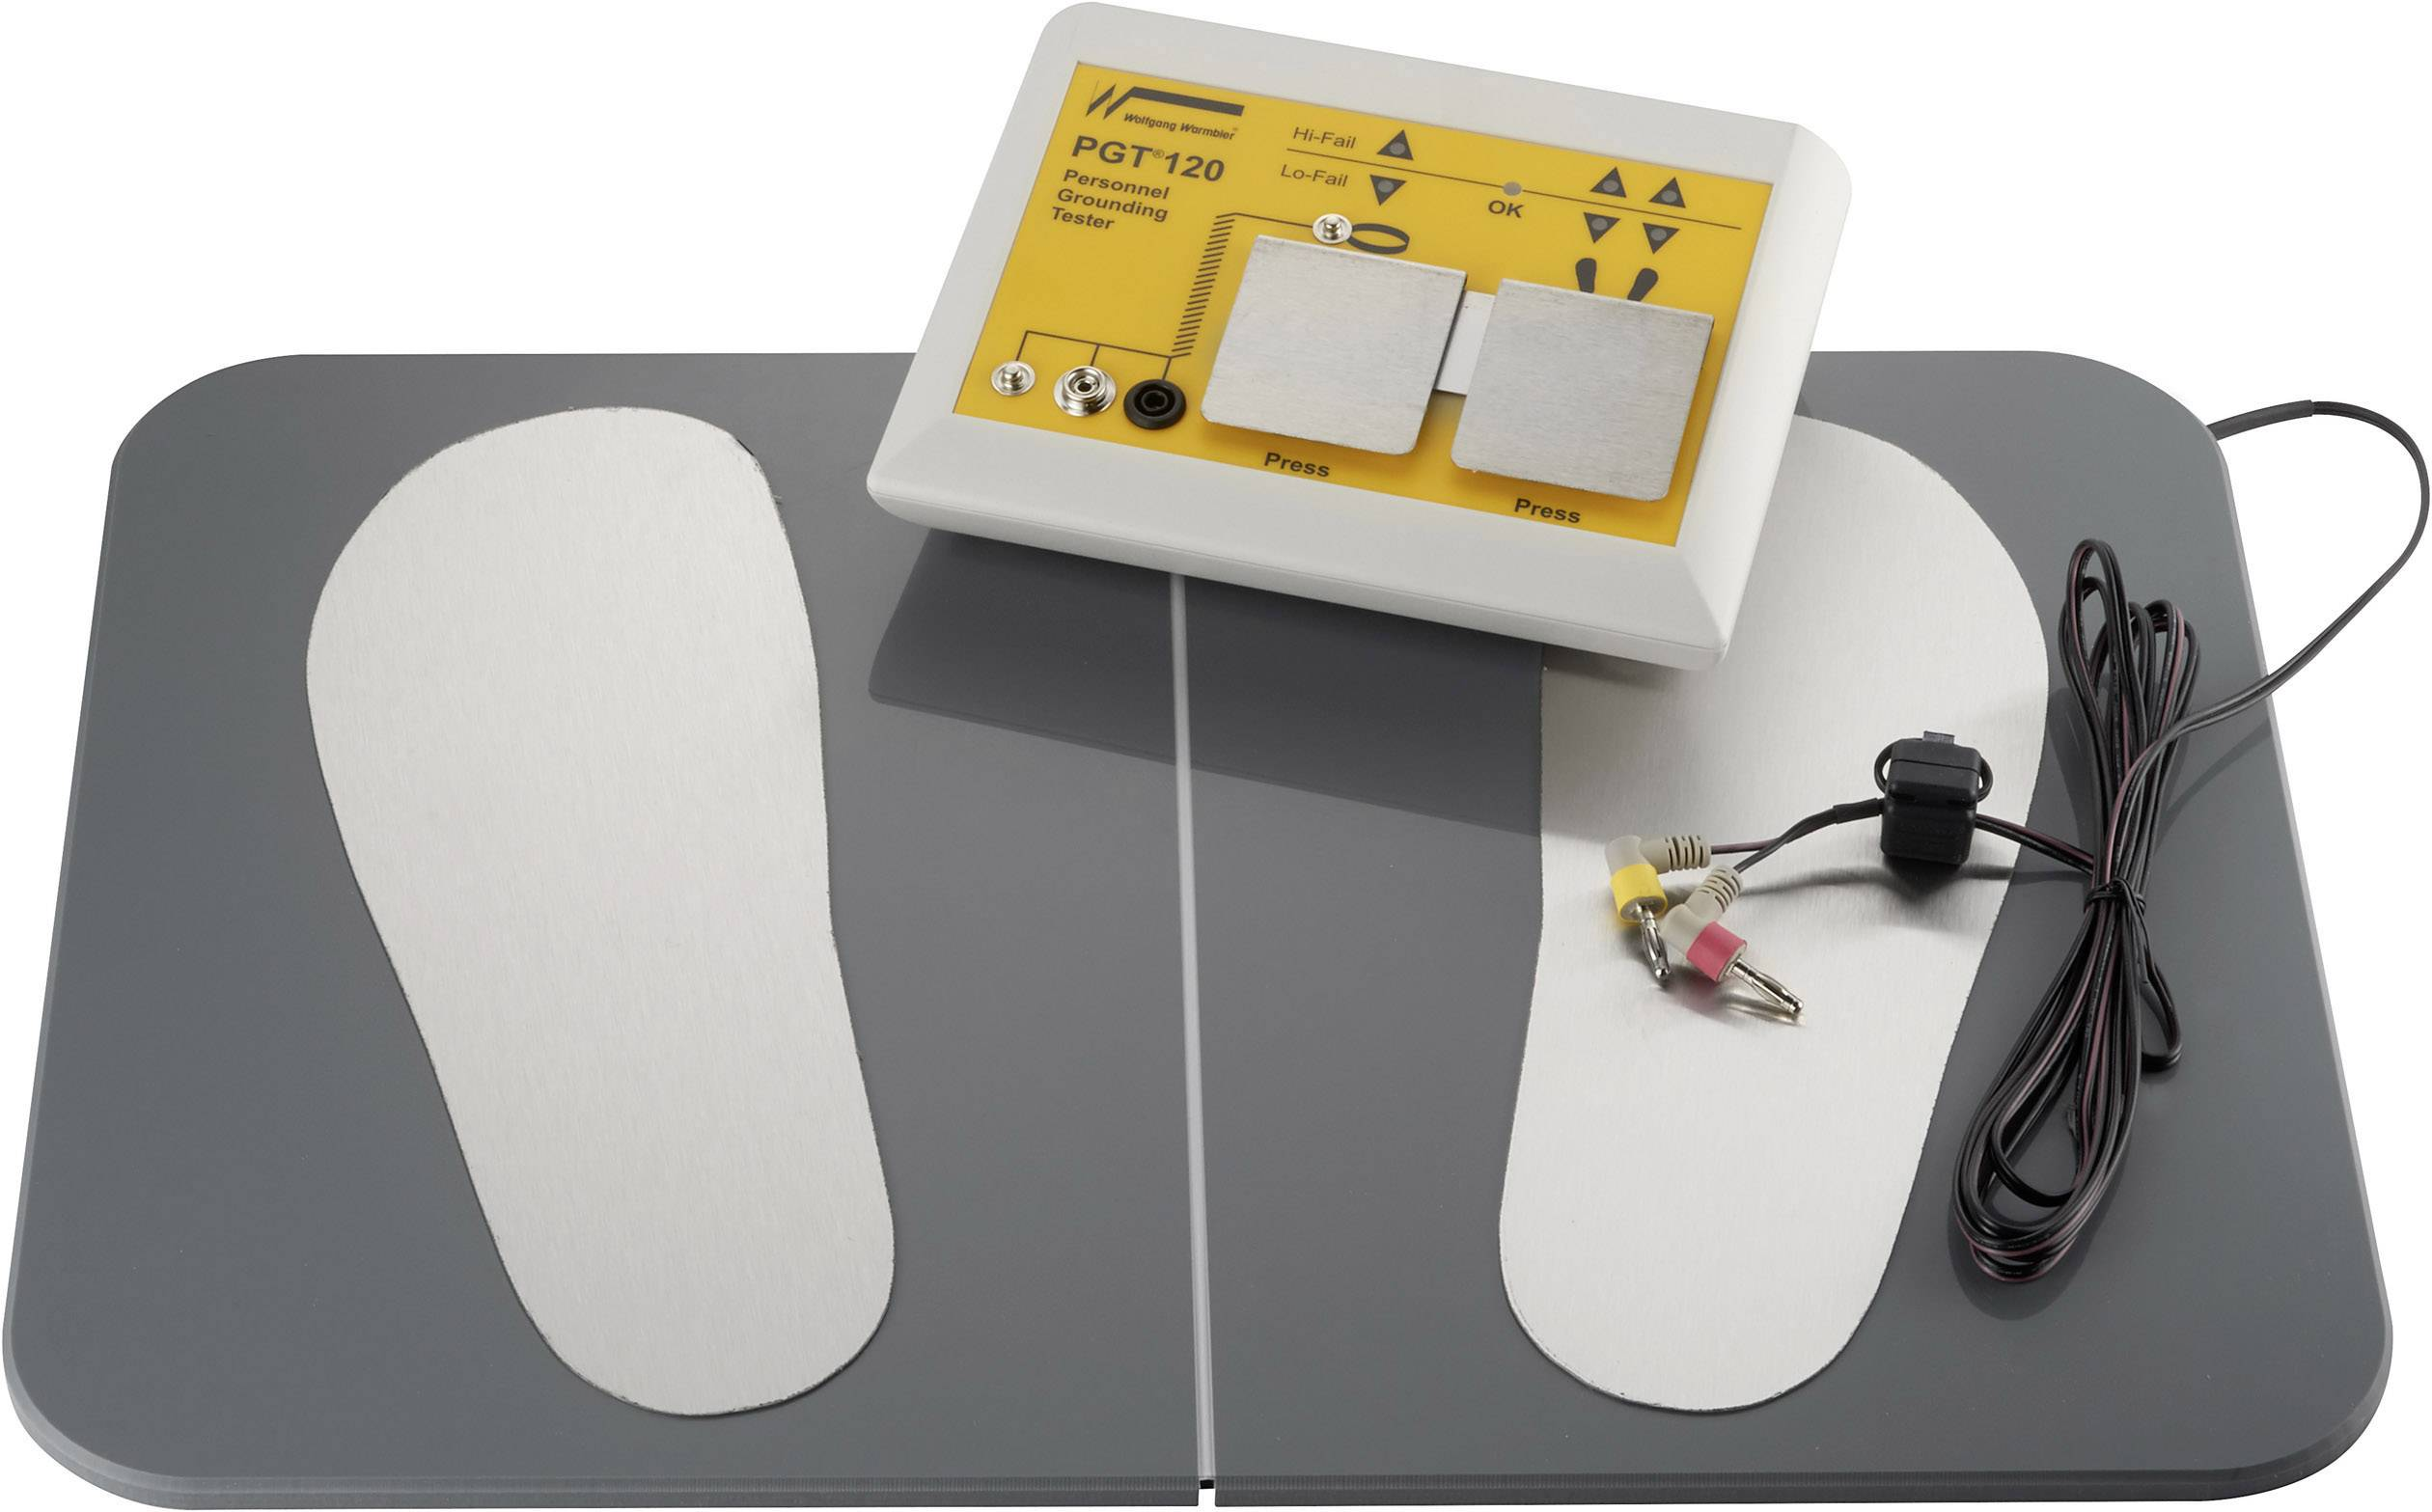 Sada ESD testerů Wolfgang Warmbier PGT®120 osobní uzemnění včetně nožní desky , včetně podnikového kalibračního listu